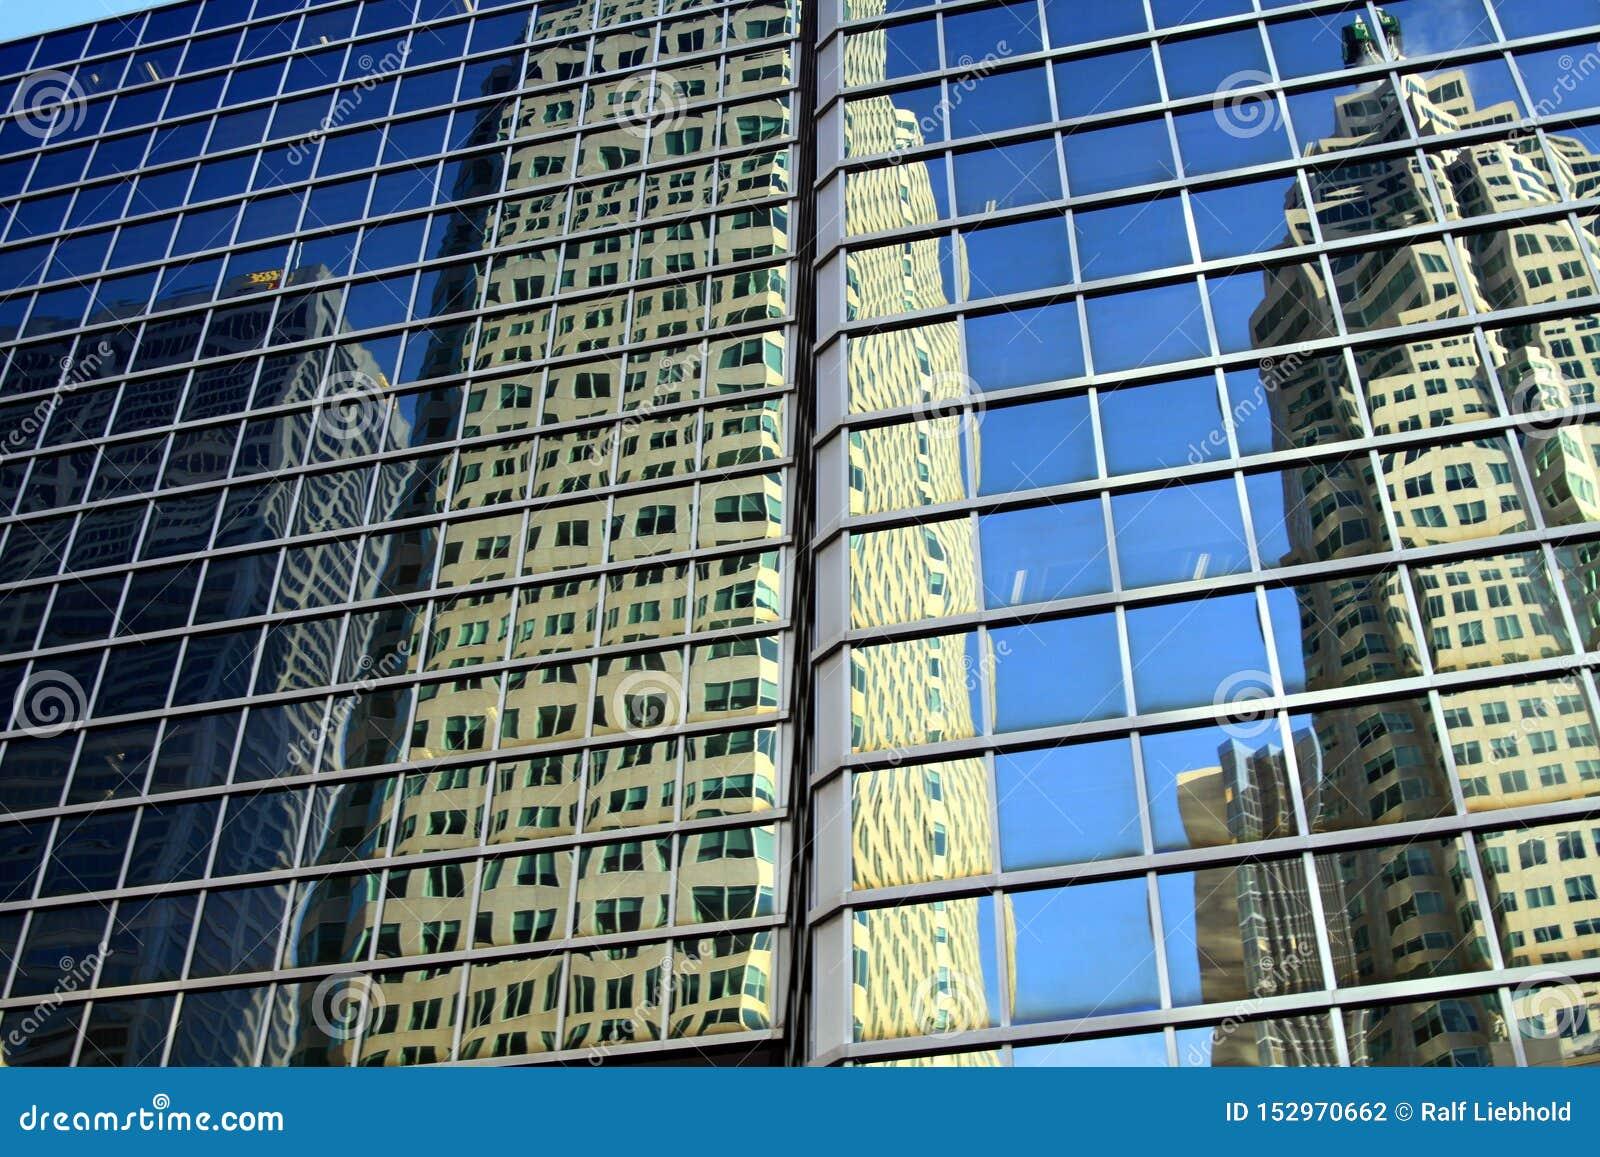 TORONTO, CANADA - 8 GENNAIO 2012: Grattacieli e cielo blu senza nuvole che riflettono nella facciata di vetro